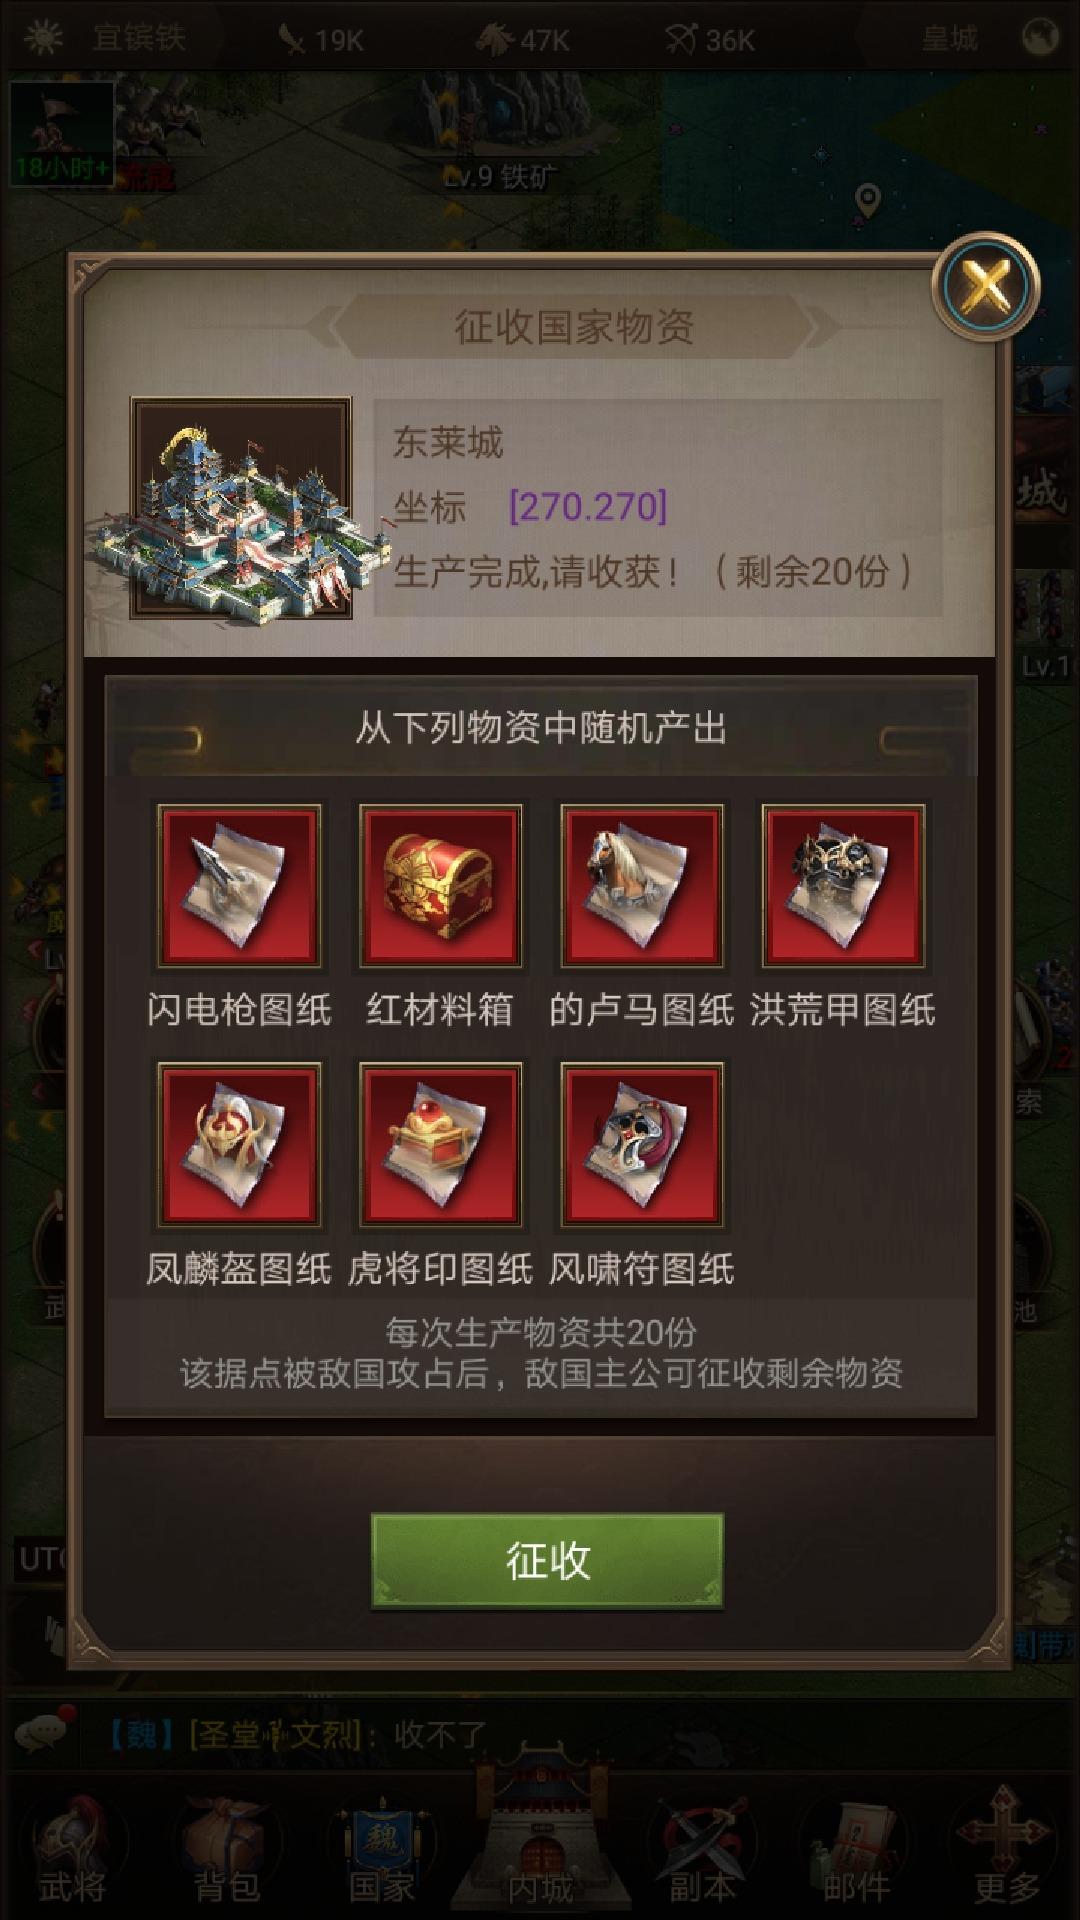 Screenshot_20190818_193117_juedi.tatuyin.rxsg.huawei.jpg